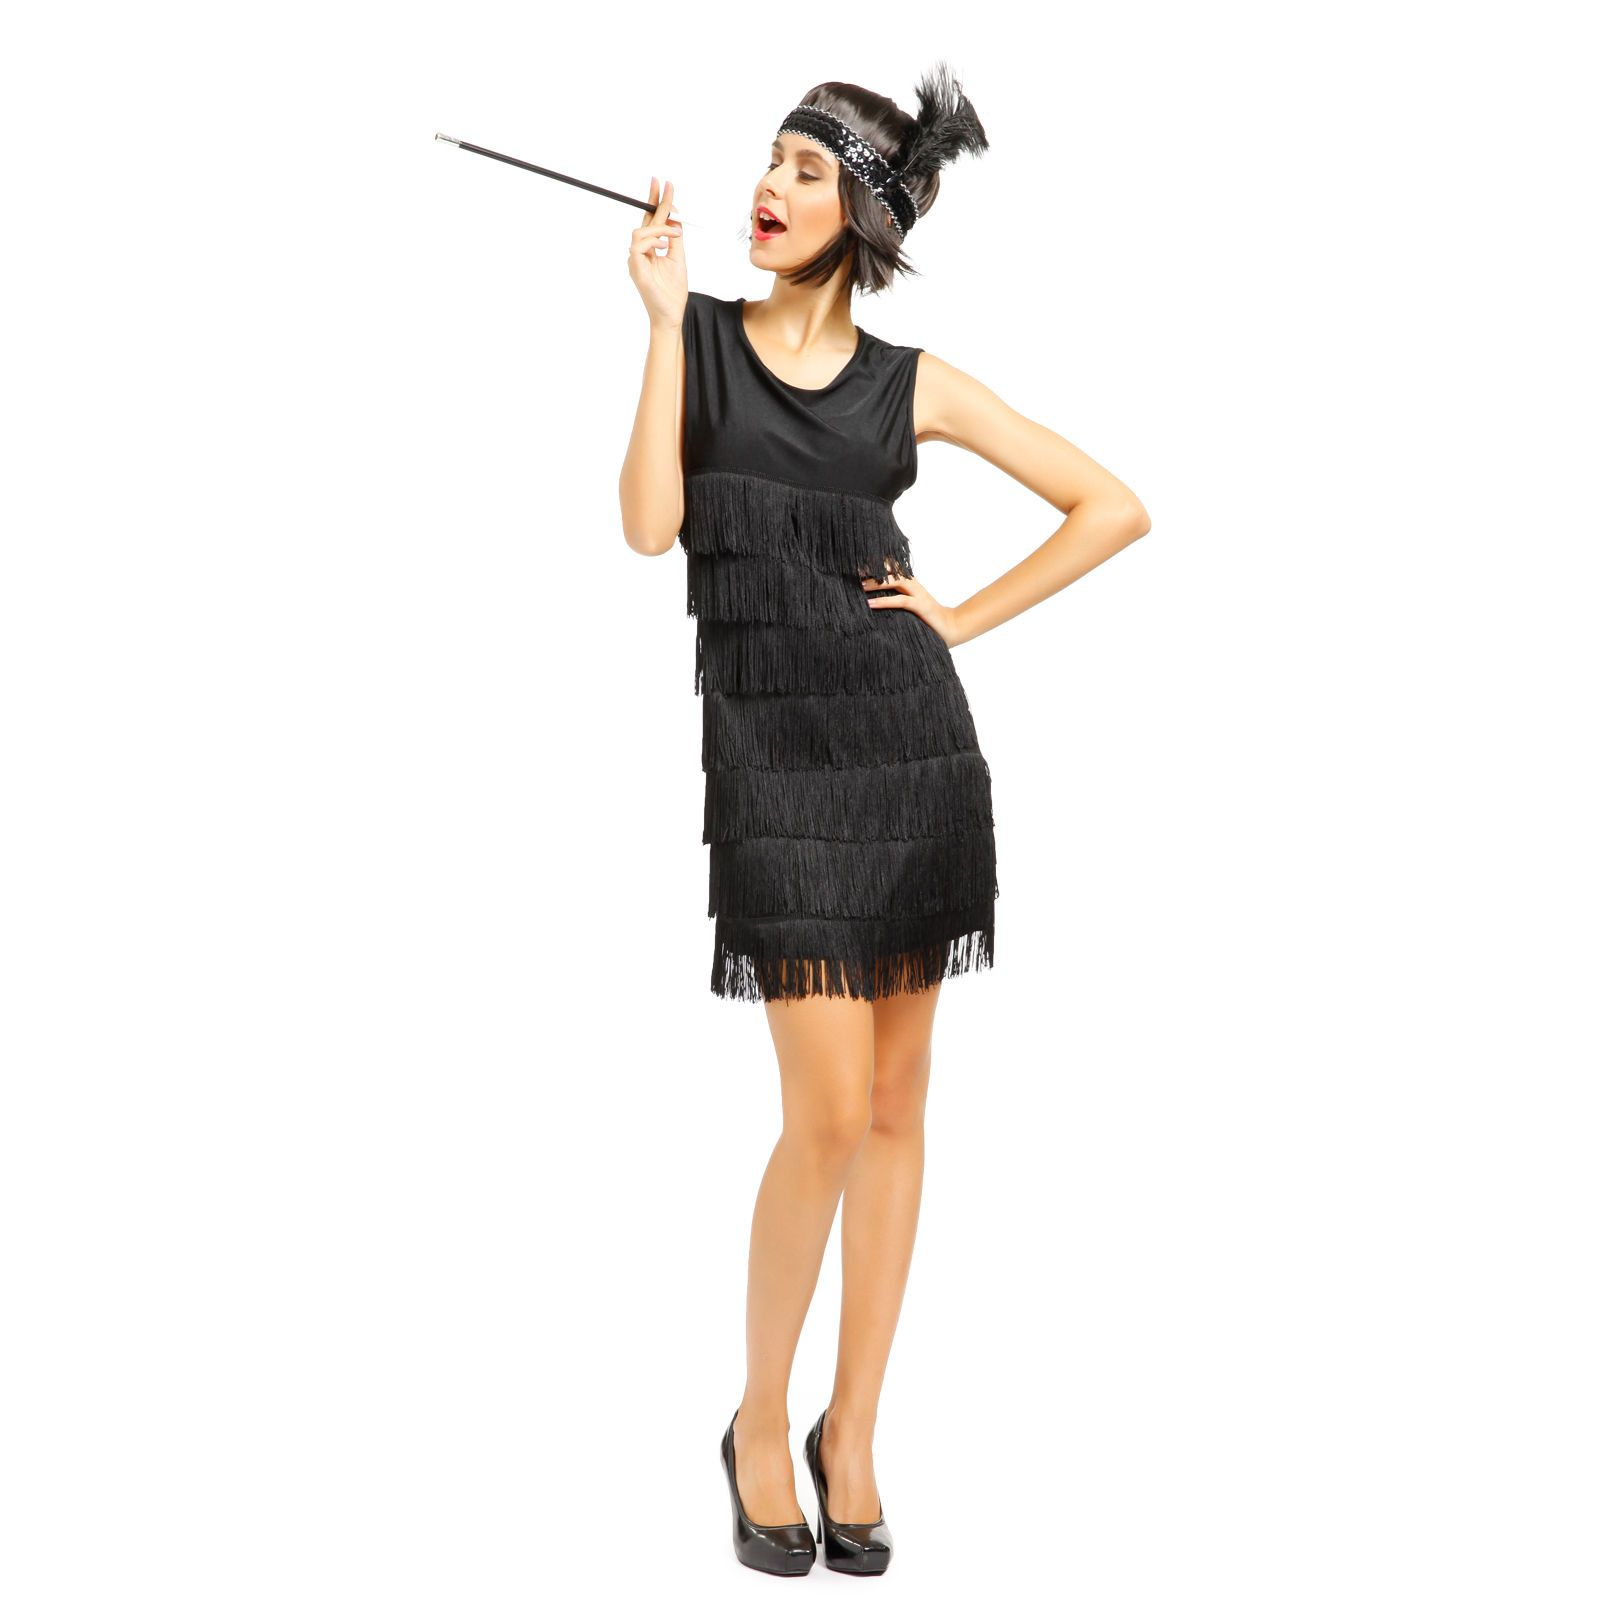 Ausgezeichnet Roaring Twenties Partykleid Bilder - Brautkleider ...